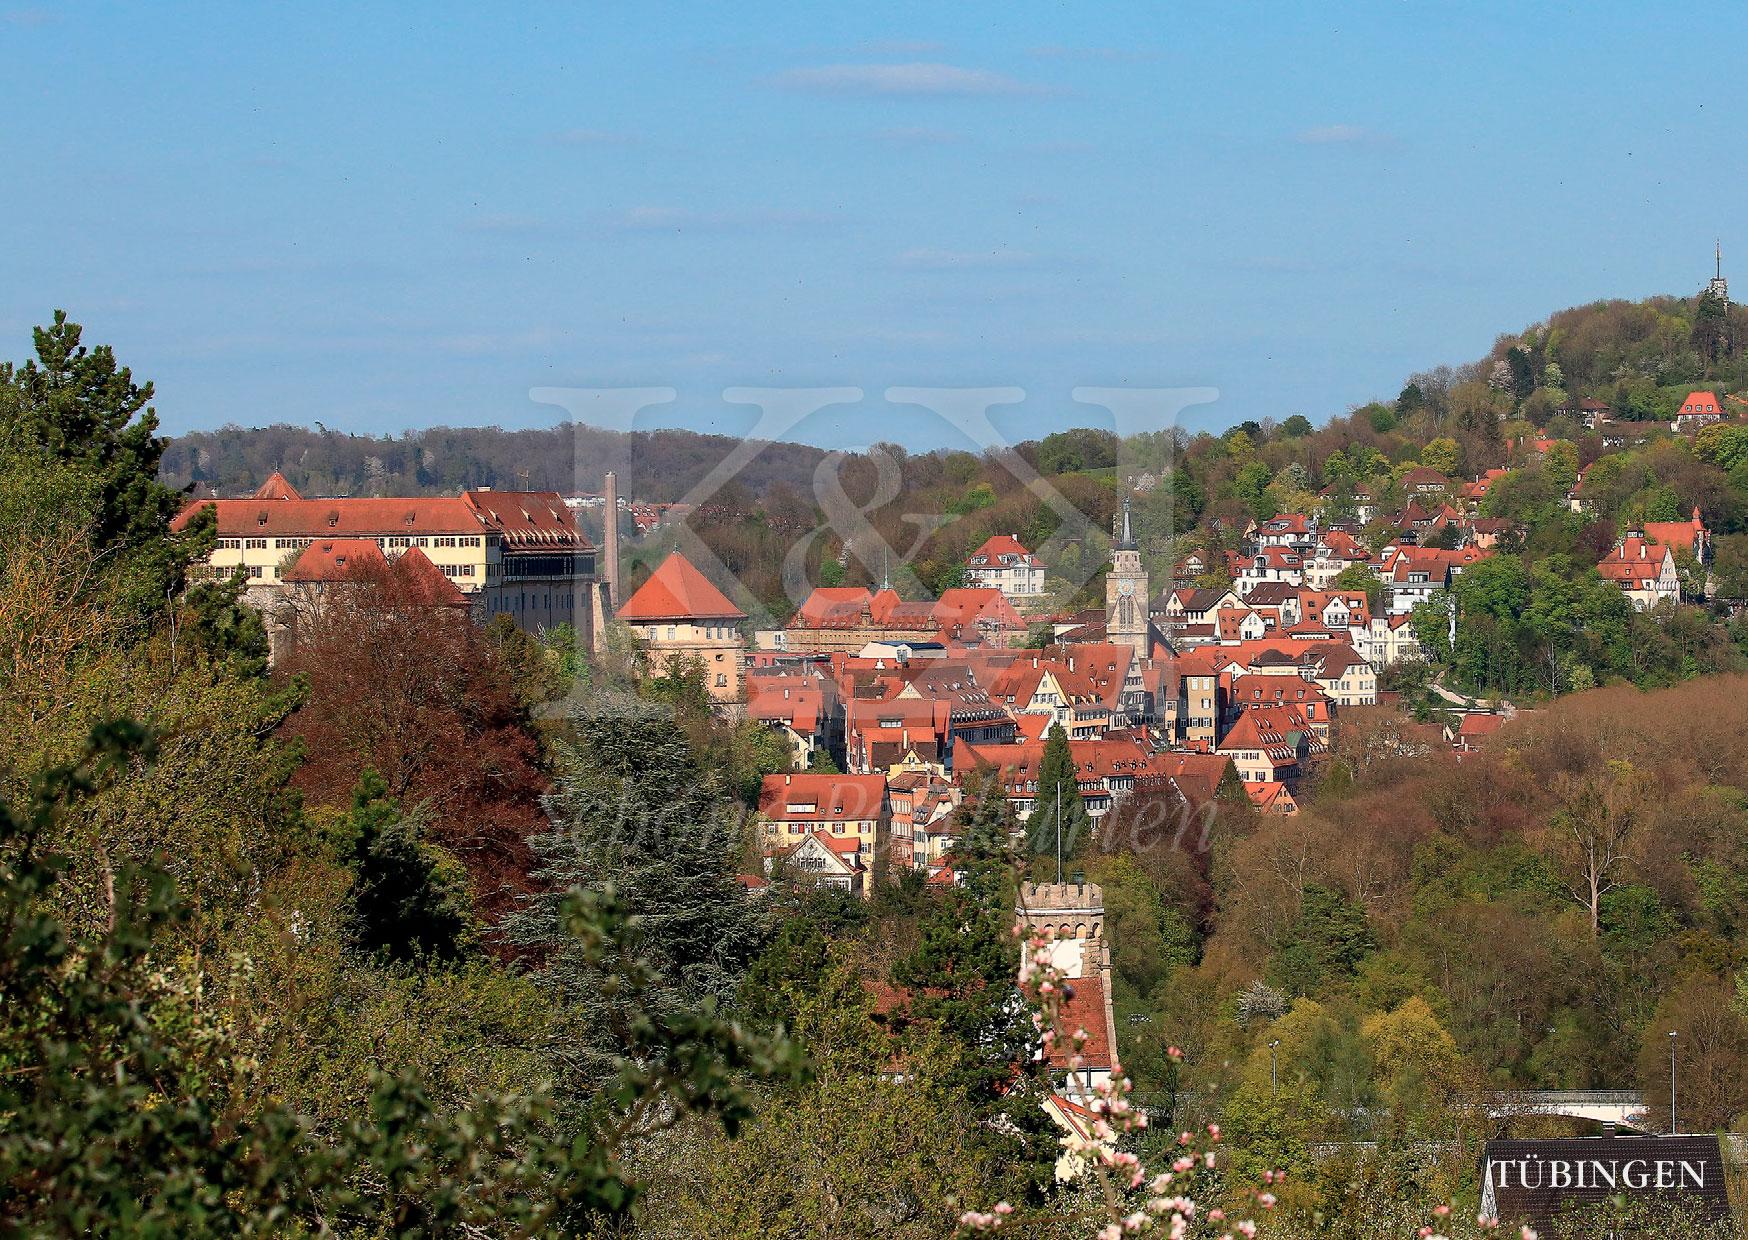 Schöne Postkarte Nr. 6 · Tübinger Altstadt mit Stiftskirche, Schloss und Österberg · © www.schoenepostkarten.de